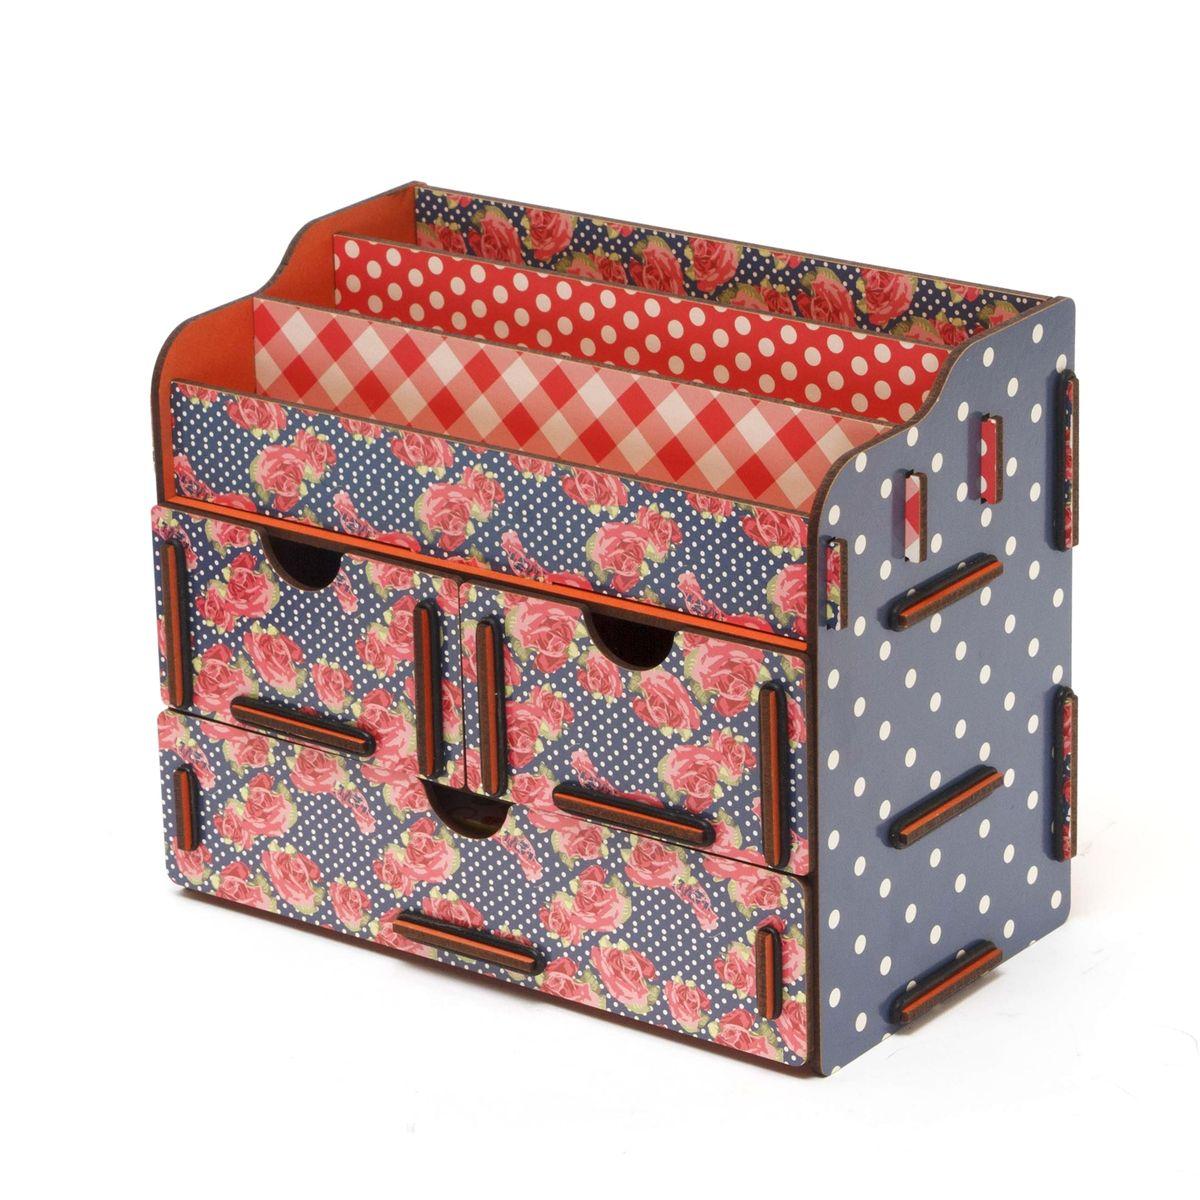 Органайзер для косметики и украшений Homsu Розы, 24 x 14 x 19 смHOM-64Органайзер для ко сметики и украшений благодаря двум маленьким ящикам размером 11 см на 14,5 см и одному большому ящику размером 22 см на 14,5 см позволяет разместить все самое необходимое для женщины и всегда иметь это под рукой. Этот оригинальный сундучок имеет также 3 полочки сверху для хранения ко сметики, парфюмерии и аксессуаров, его можно поставить на столе, он станет отличным дополнением интерьера.Фактический цвет может отличаться от заявленного.